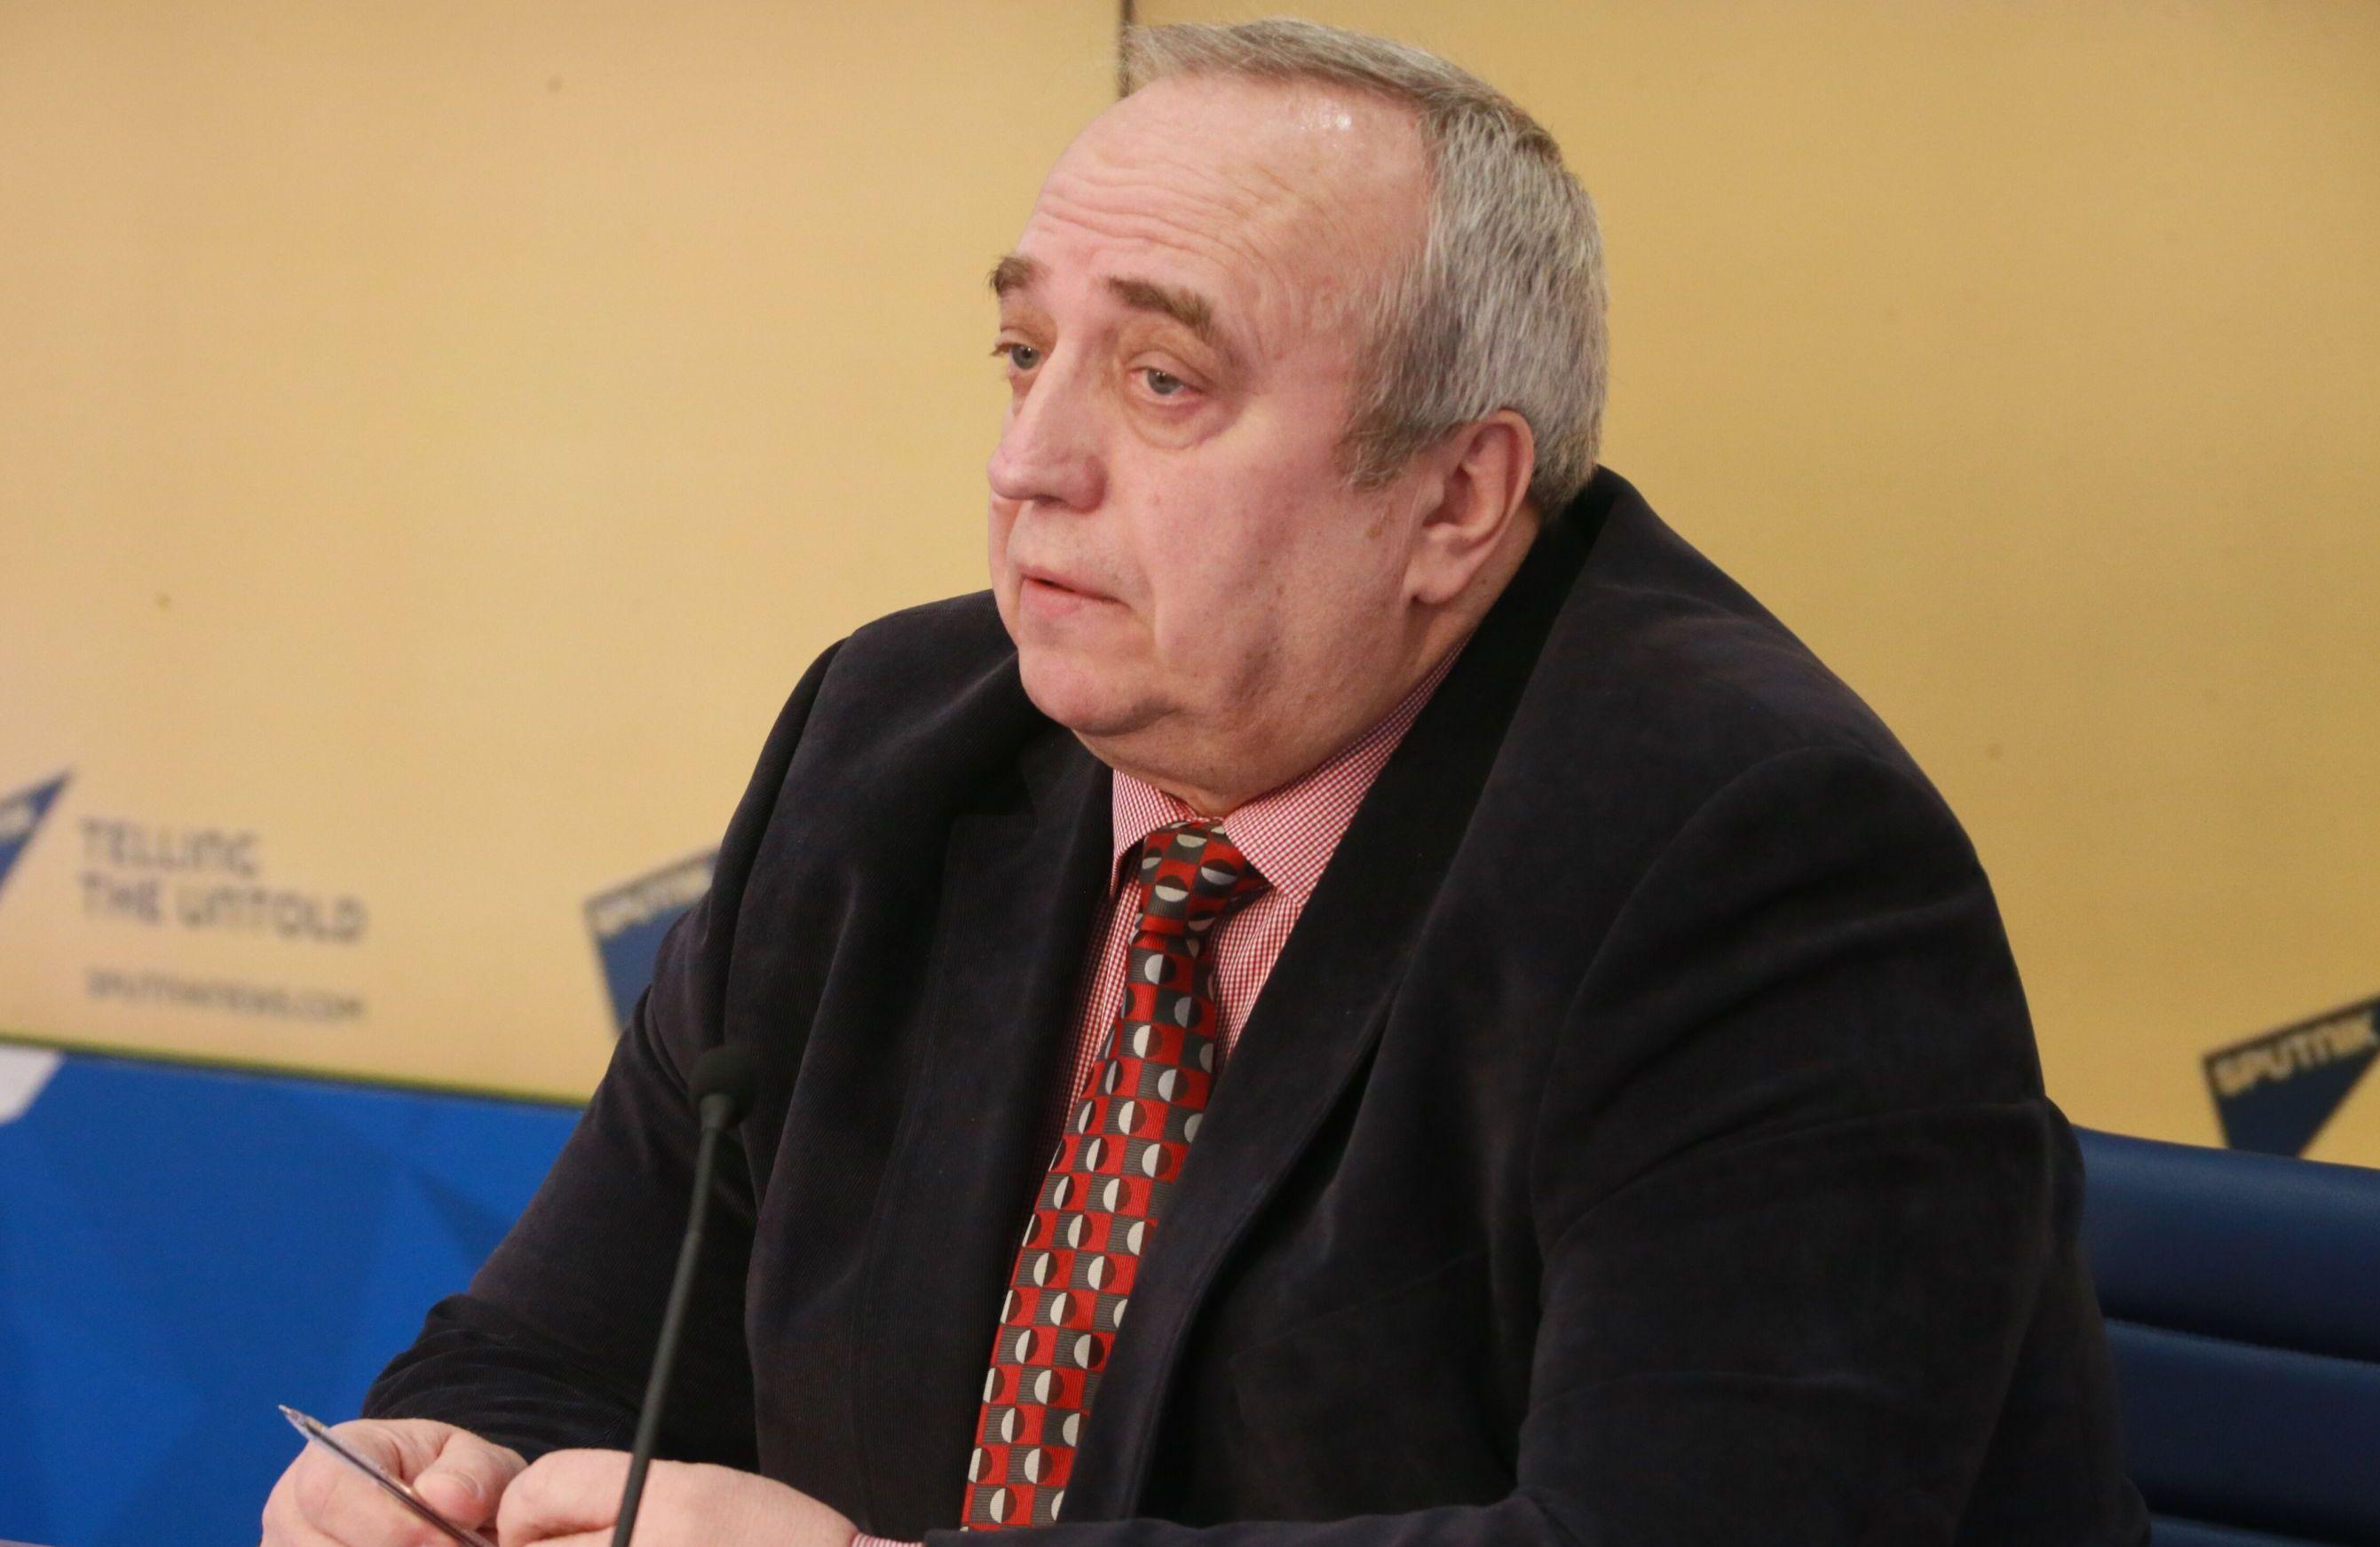 Глава Российского Союза ветеранов Афганистана (РСА), член Совета Федерации РФ Франц Клинцевич